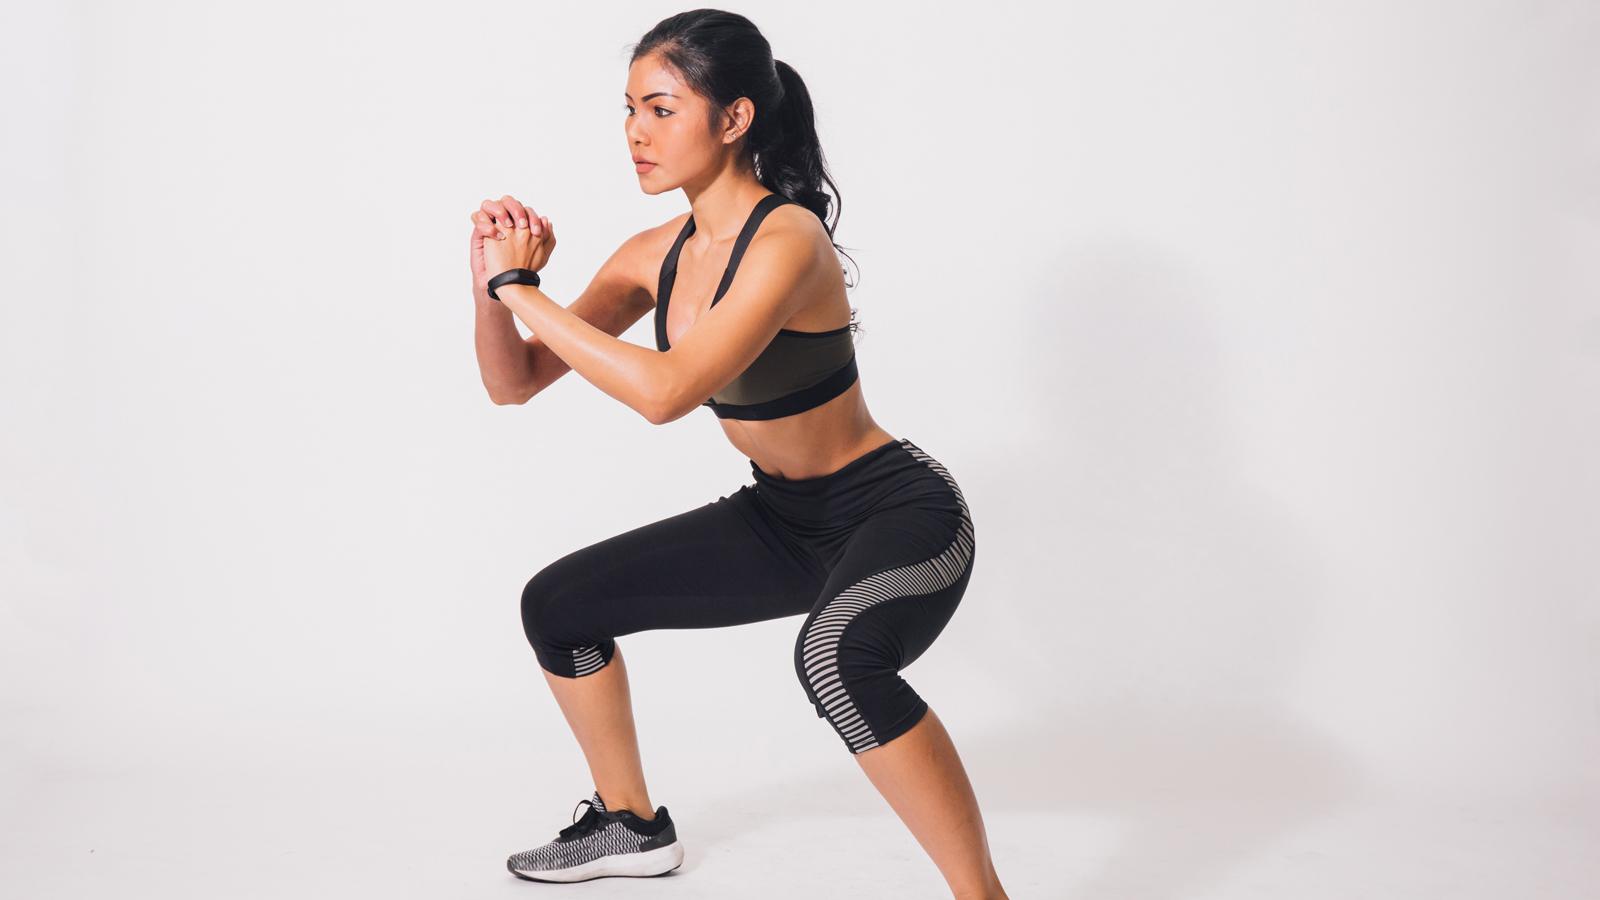 Thực hiện bài tập squat giảm mỡ mông và bụng